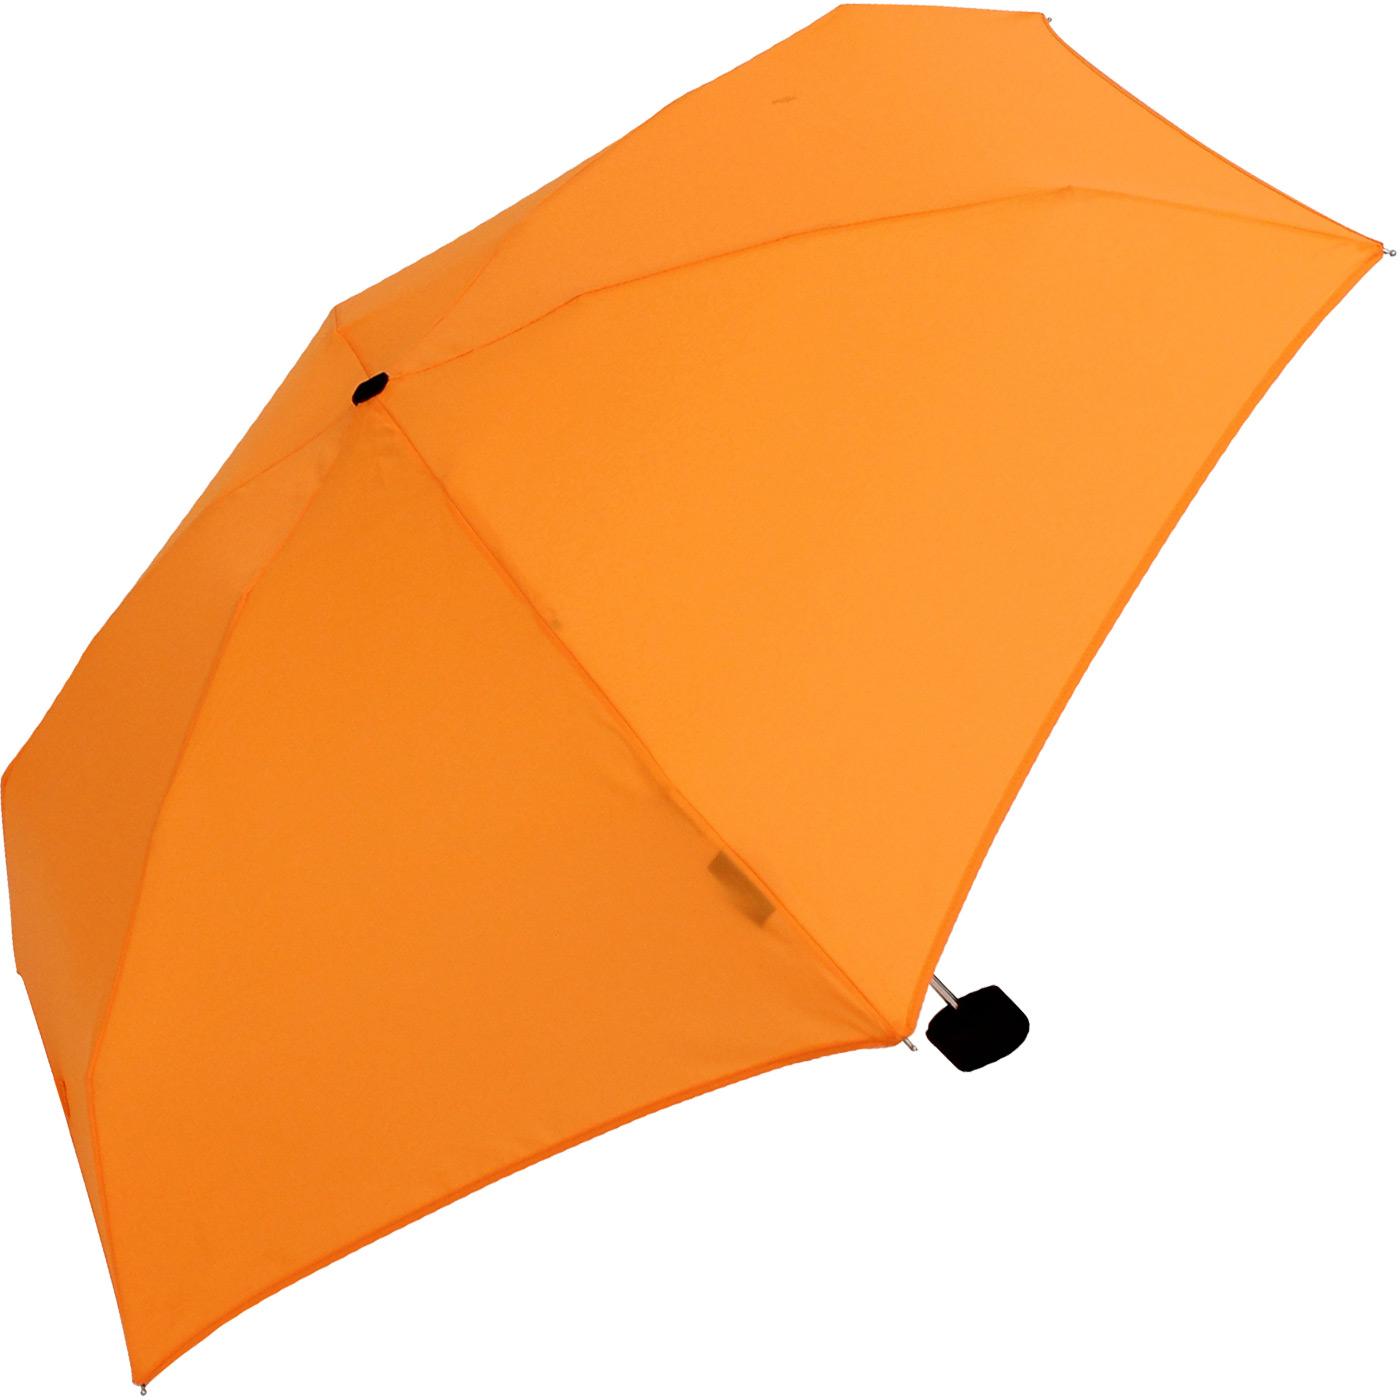 Regenschirm-Super-Mini-Taschenschirm-Damen-Herren-winzig-klein-leicht-im-Etui Indexbild 52